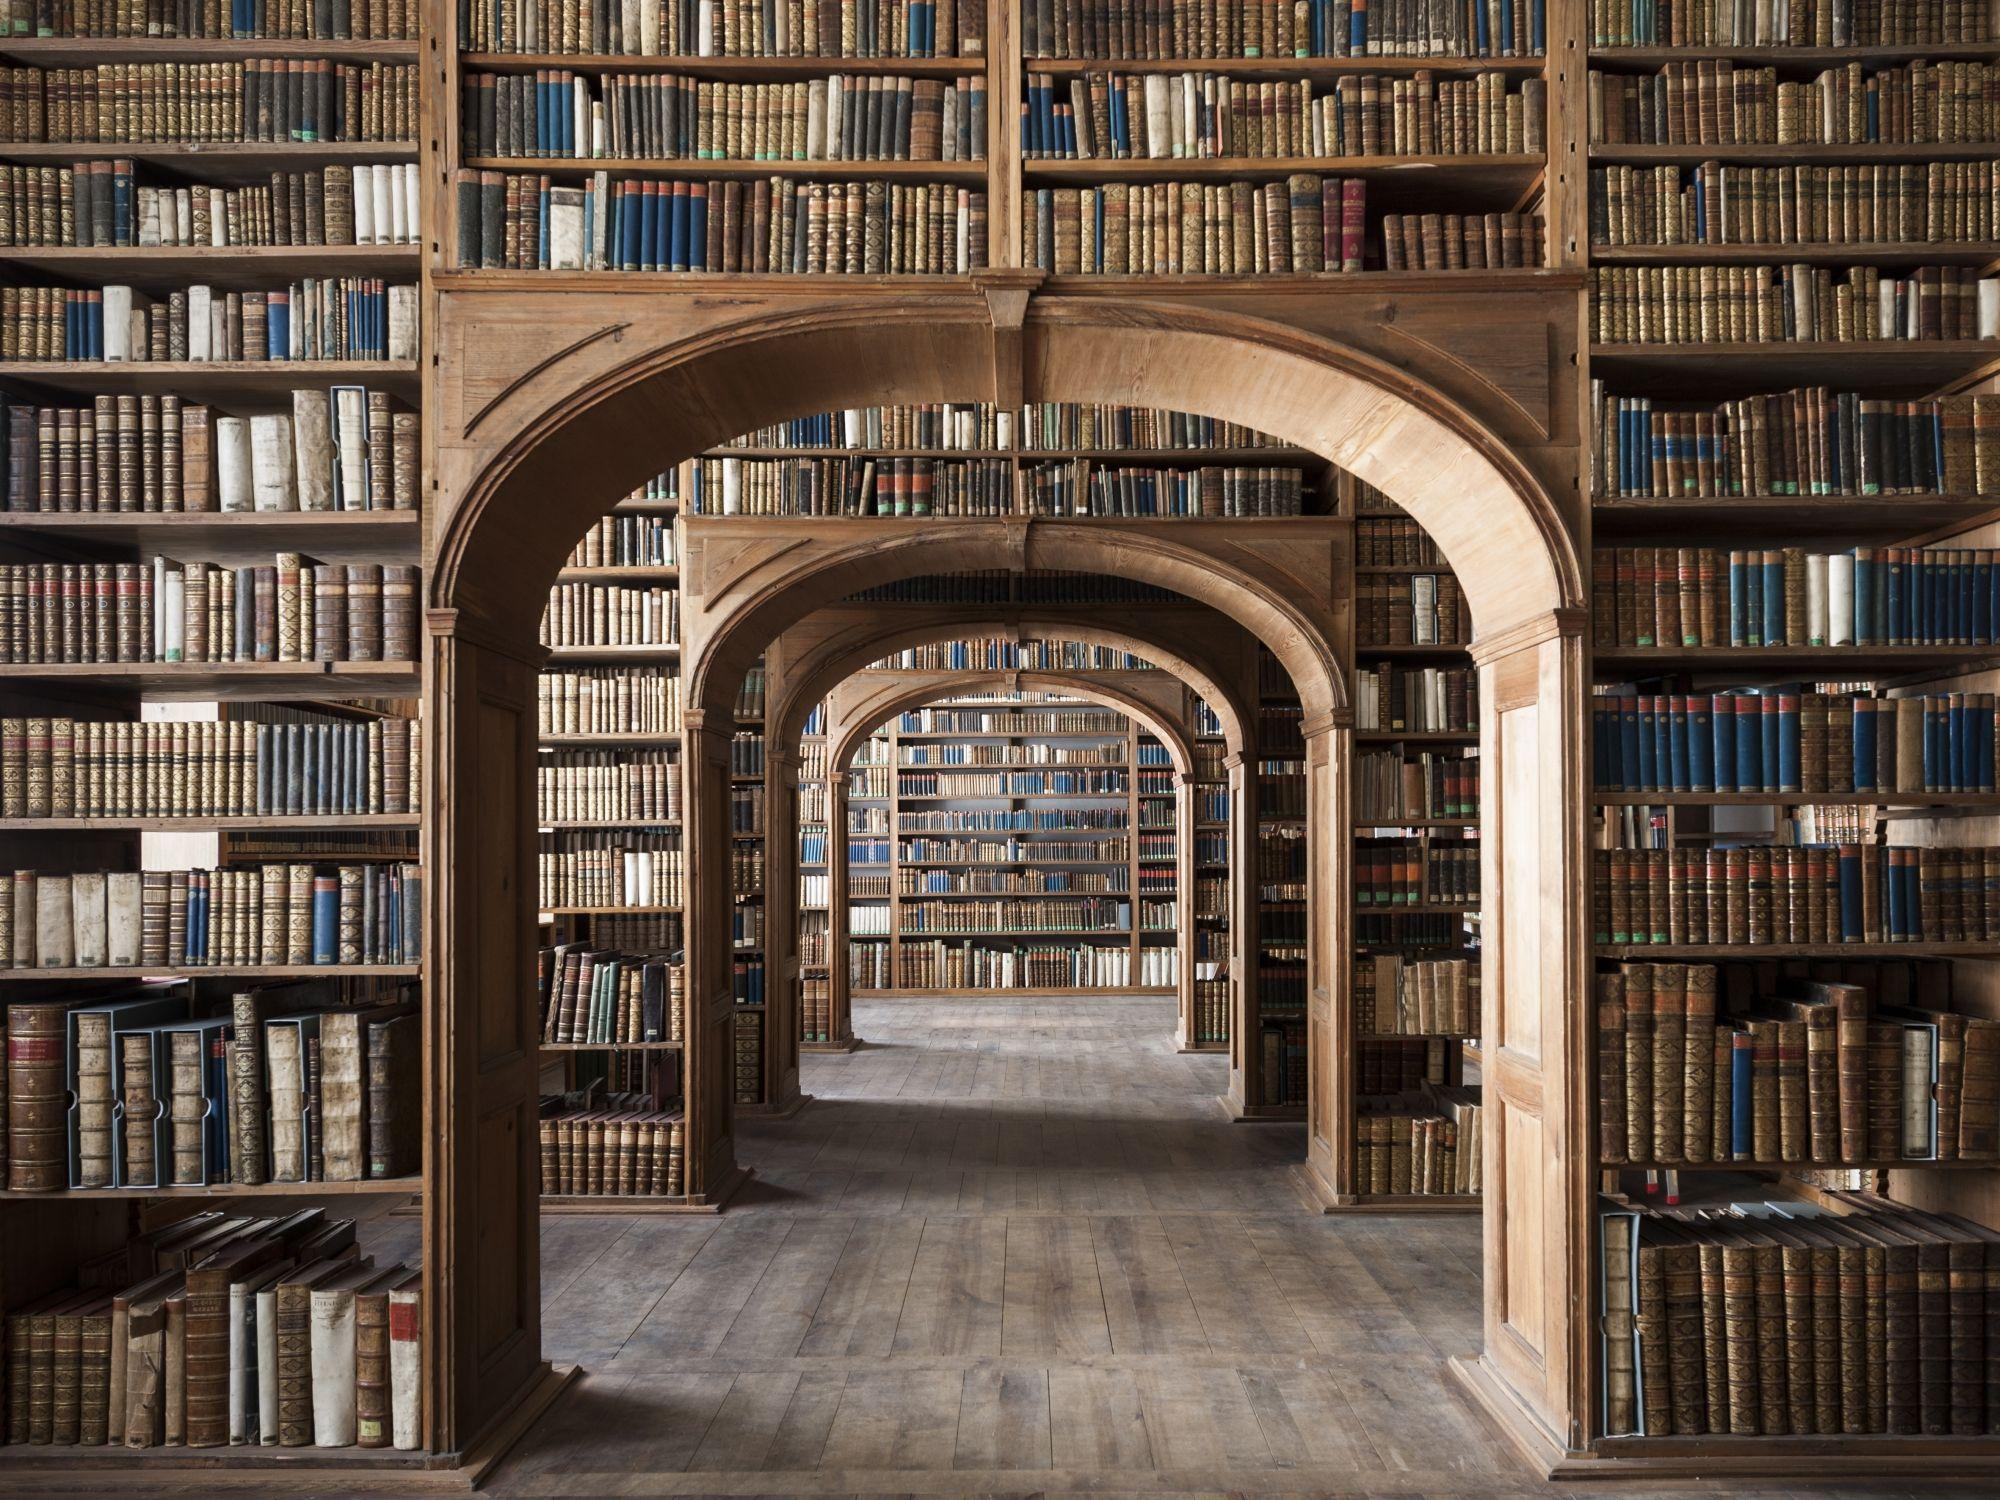 bibliothek books pinterest bibliothek g rlitz und wertvoll. Black Bedroom Furniture Sets. Home Design Ideas